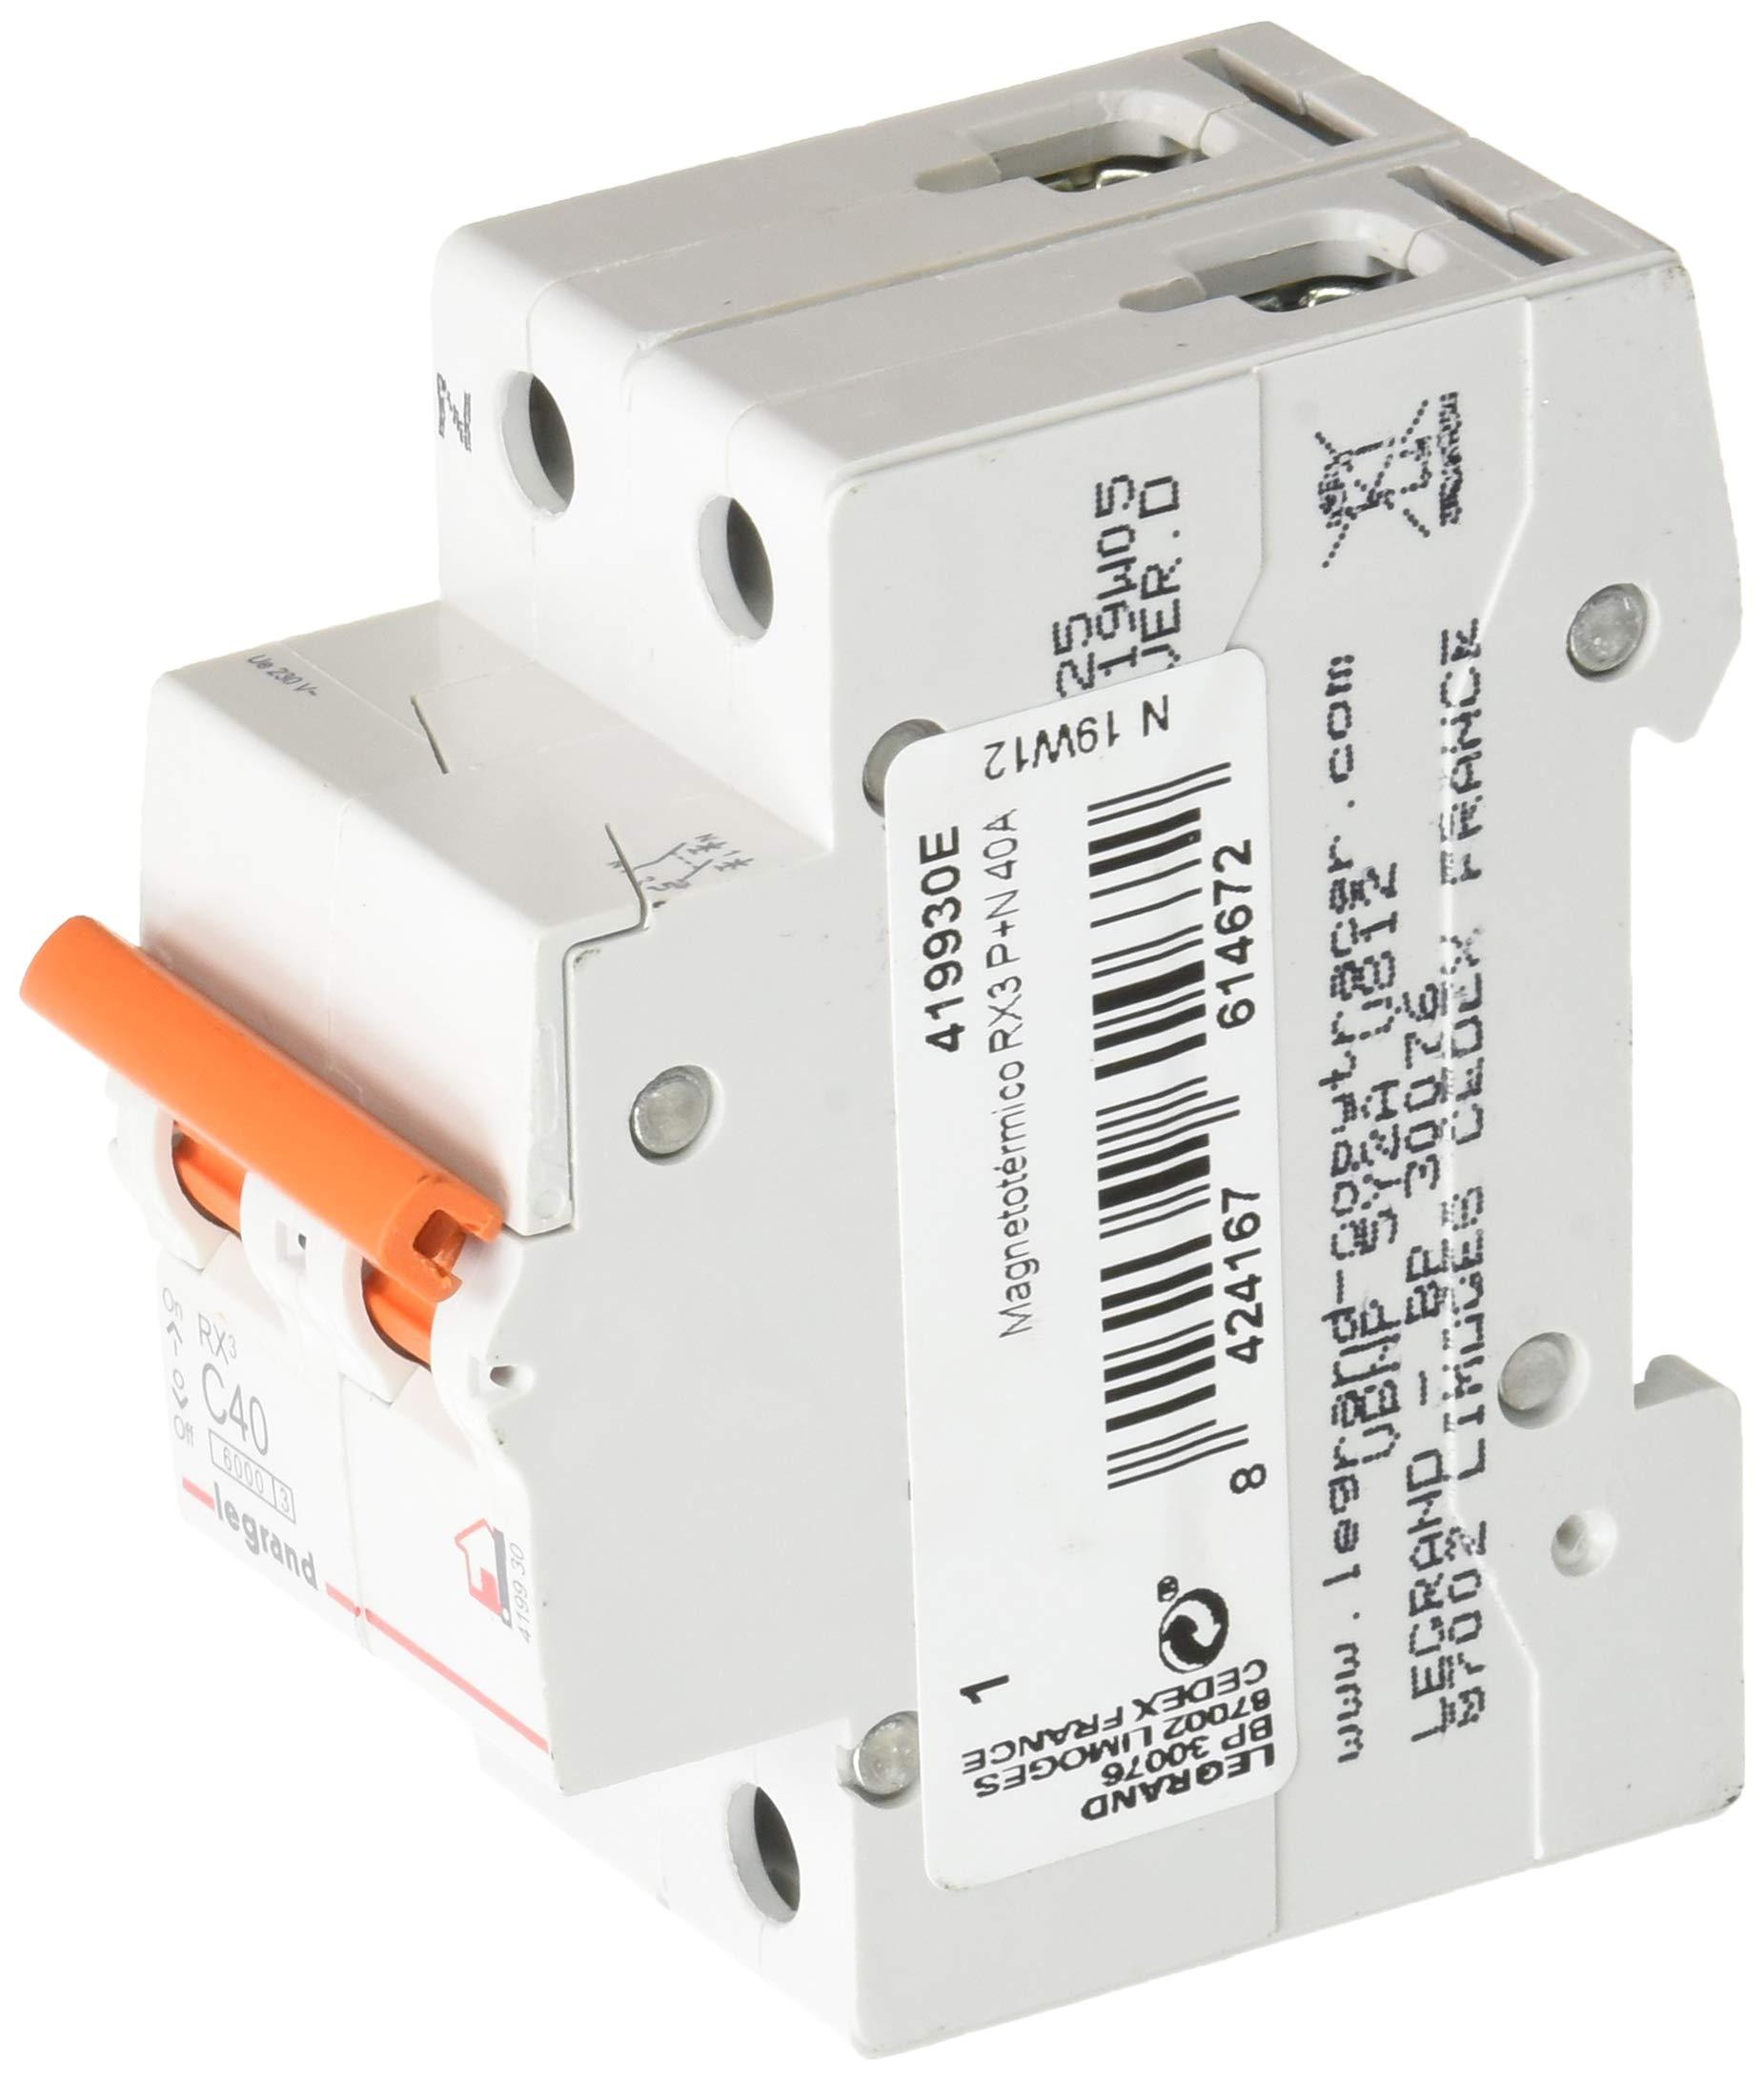 Legrand, Interruptor Diferencial, Protector de sobrecargas, 40A: Amazon.es: Bricolaje y herramientas